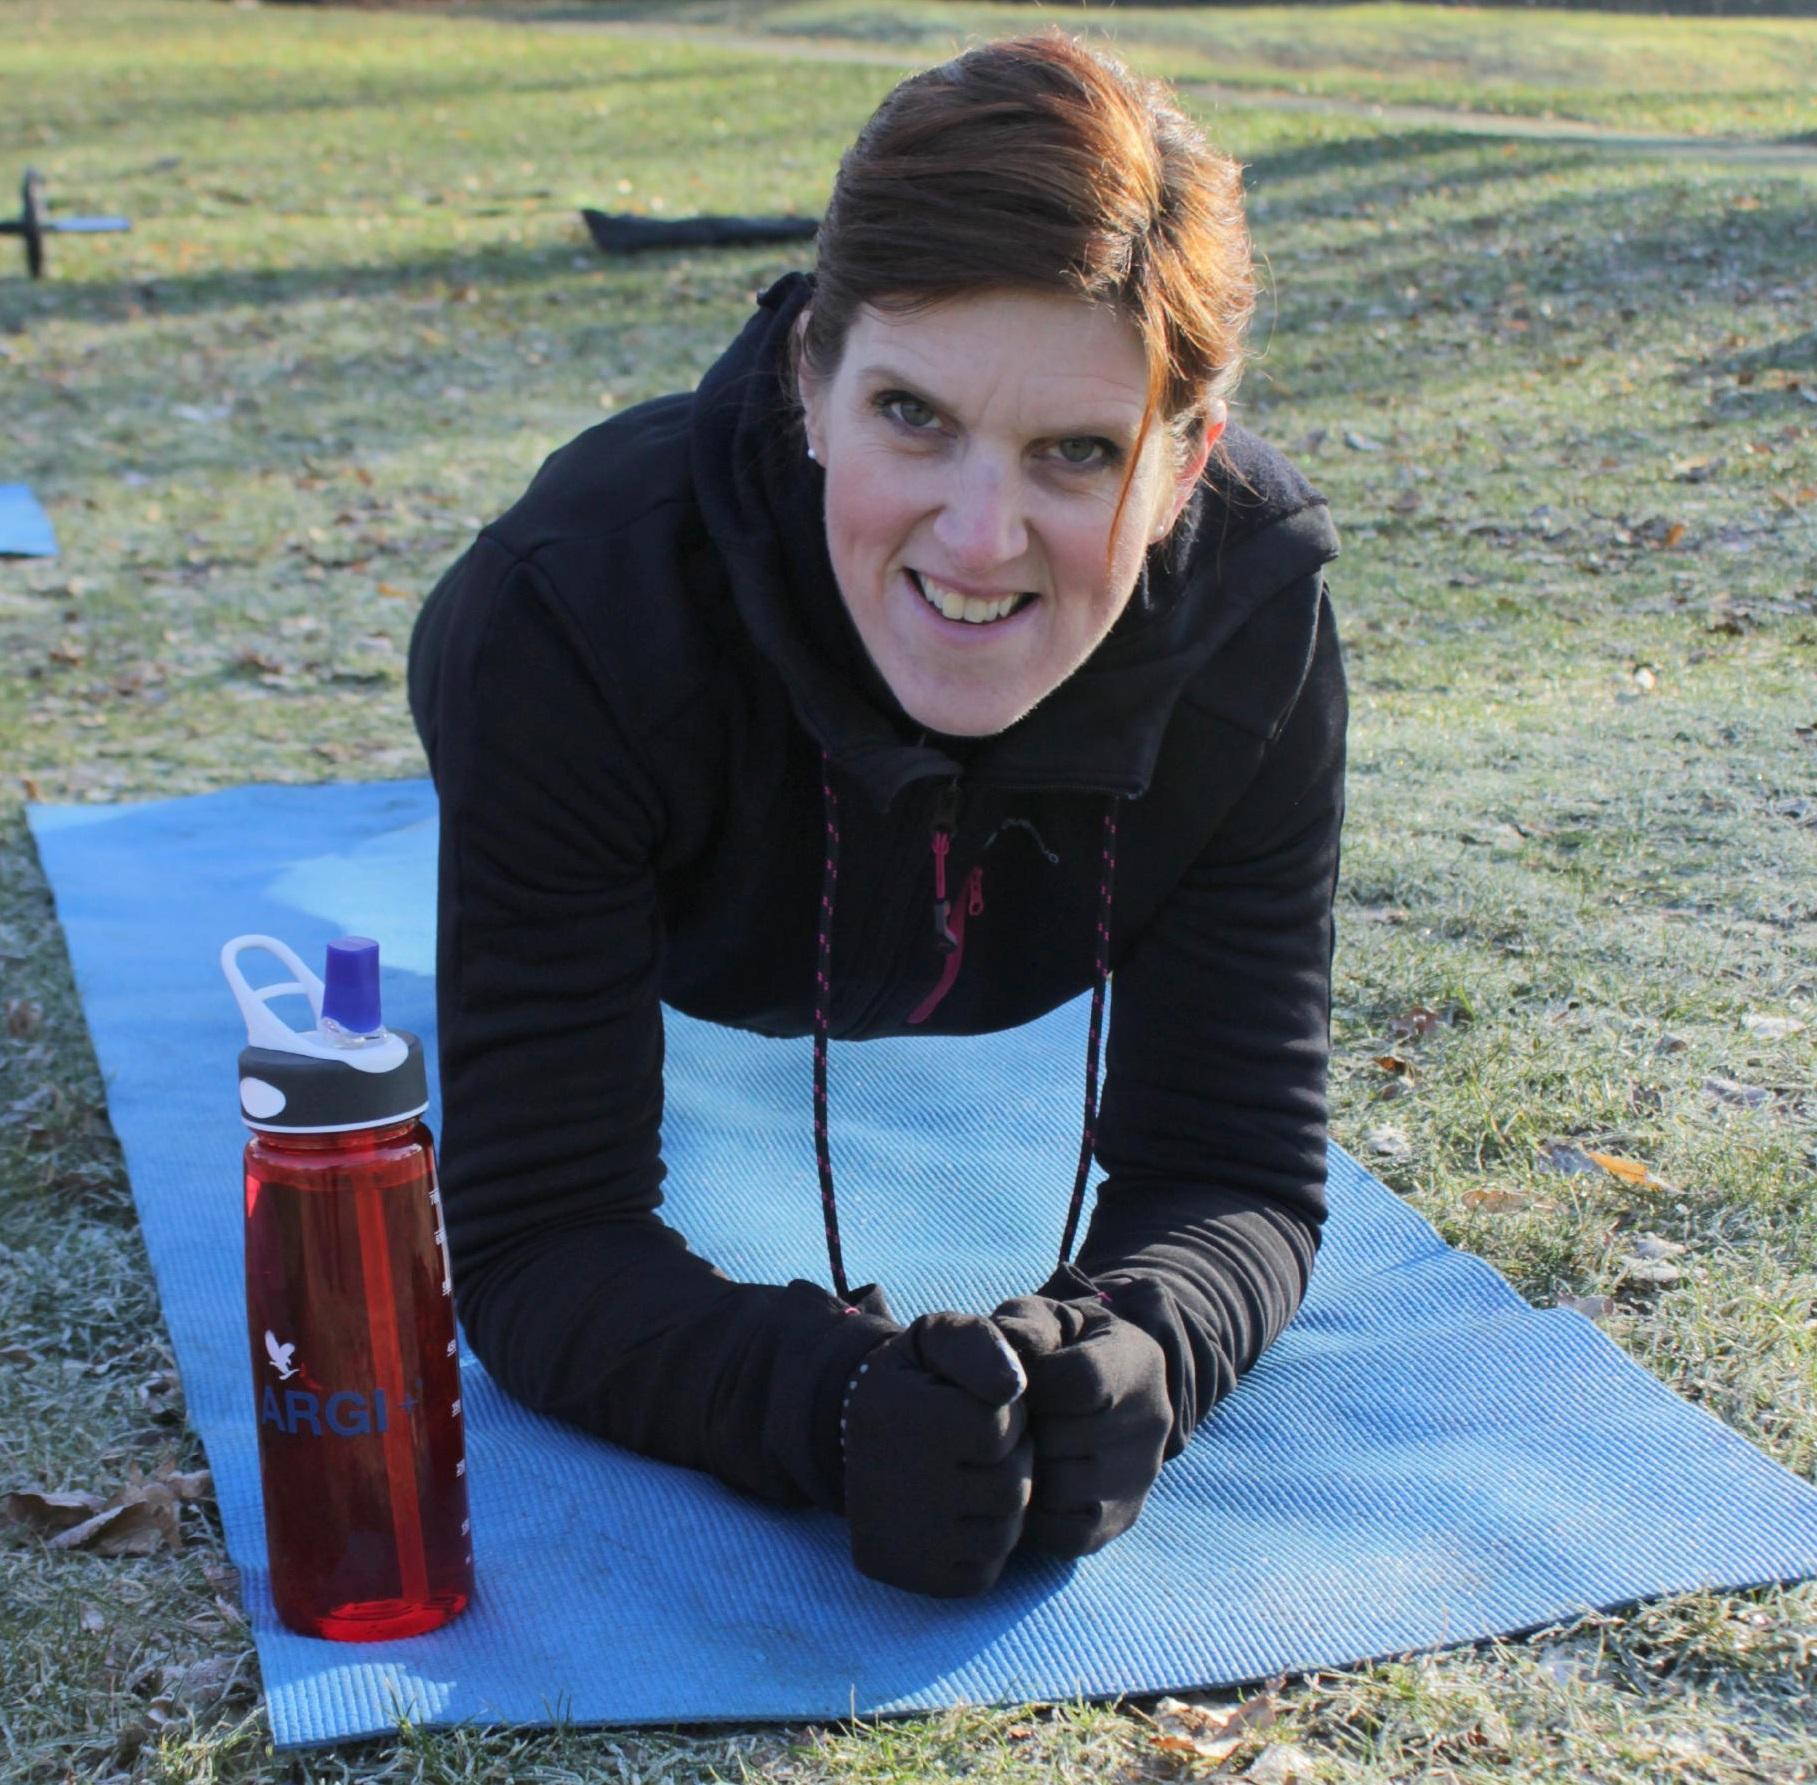 Deze manier van trainen heeft ervoor gezorgd dat ik het sporten makkelijk vol kan houden. Gewoon omdat het leuk is om te doen, en we veel plezier hebben. - Judith